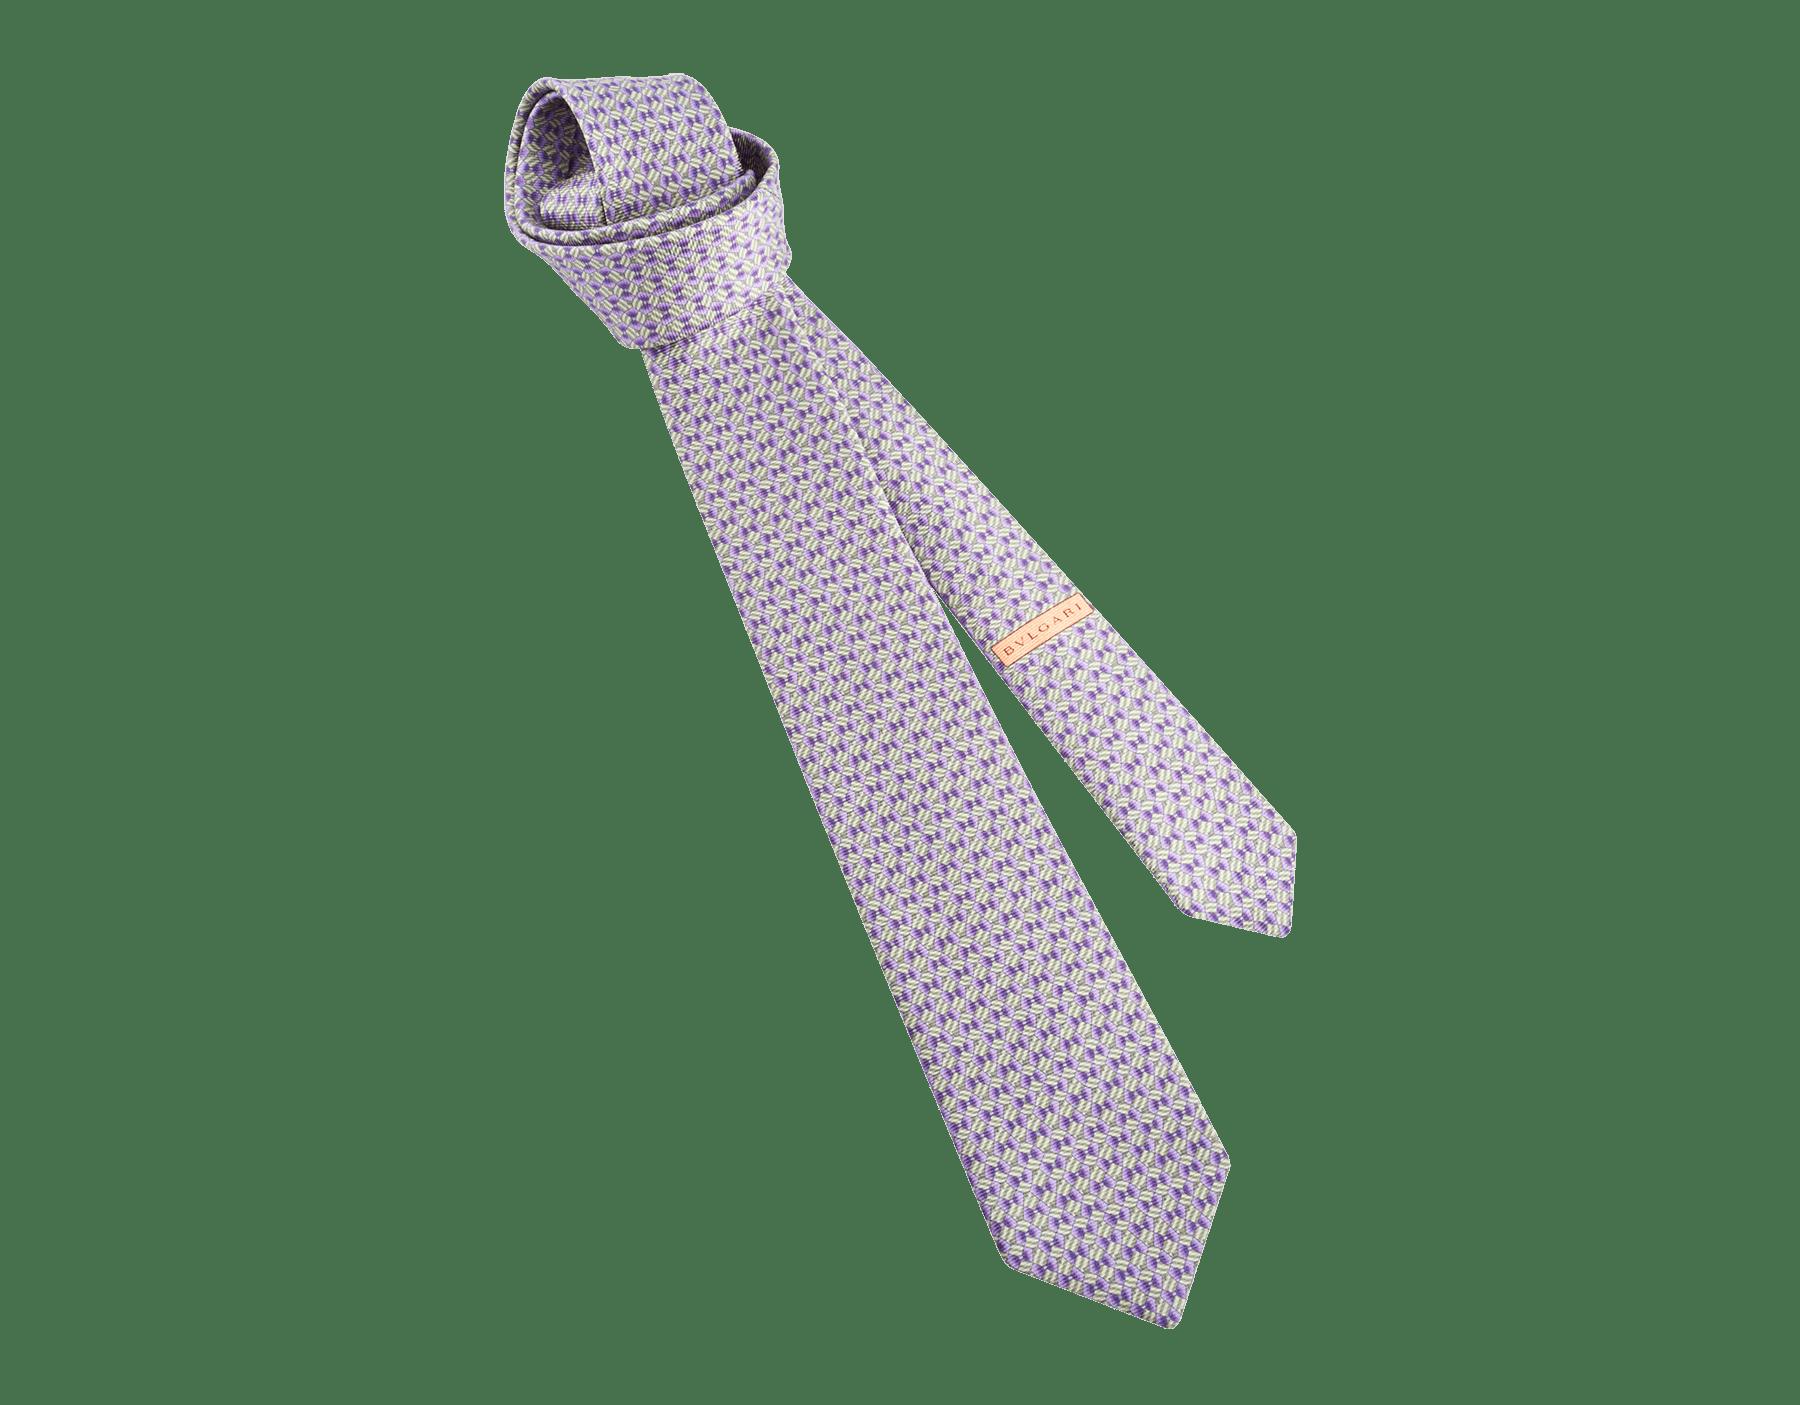 Cravatta sette pieghe verde oliva con motivo Man Essence in pregiata seta saglione stampata. 243644 image 1